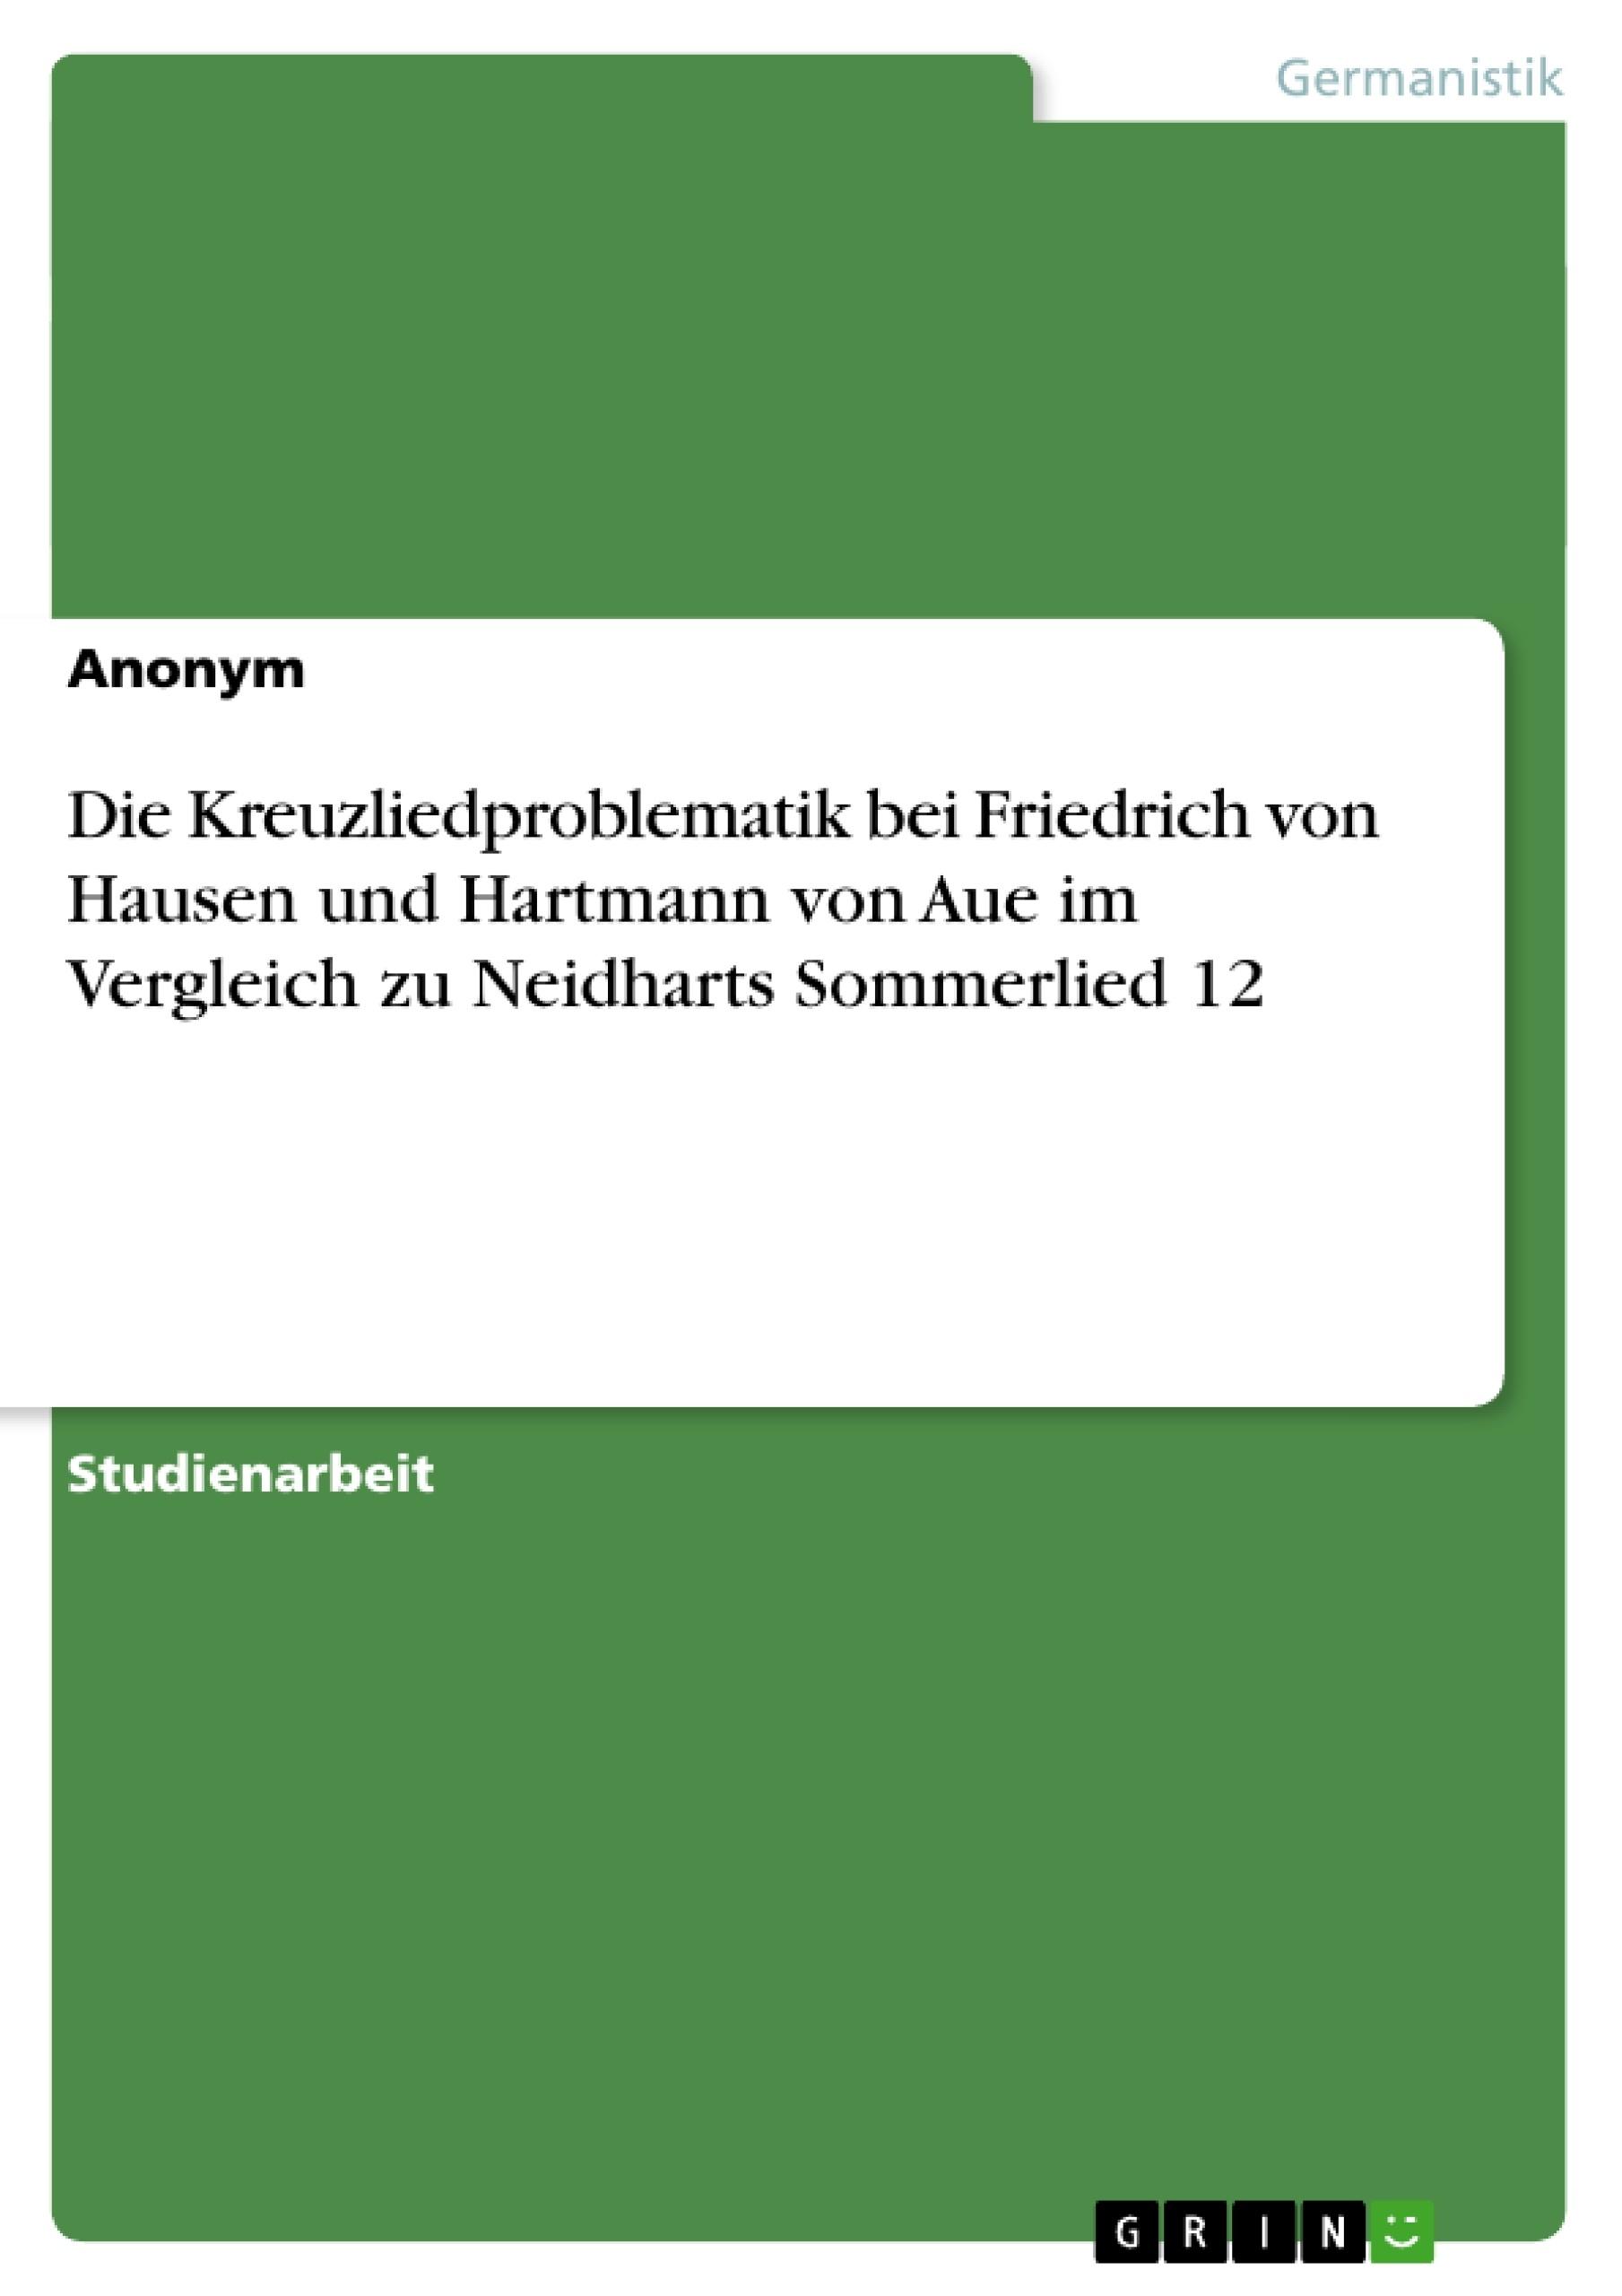 Titel: Die Kreuzliedproblematik bei Friedrich von Hausen und Hartmann von Aue im Vergleich zu Neidharts Sommerlied 12